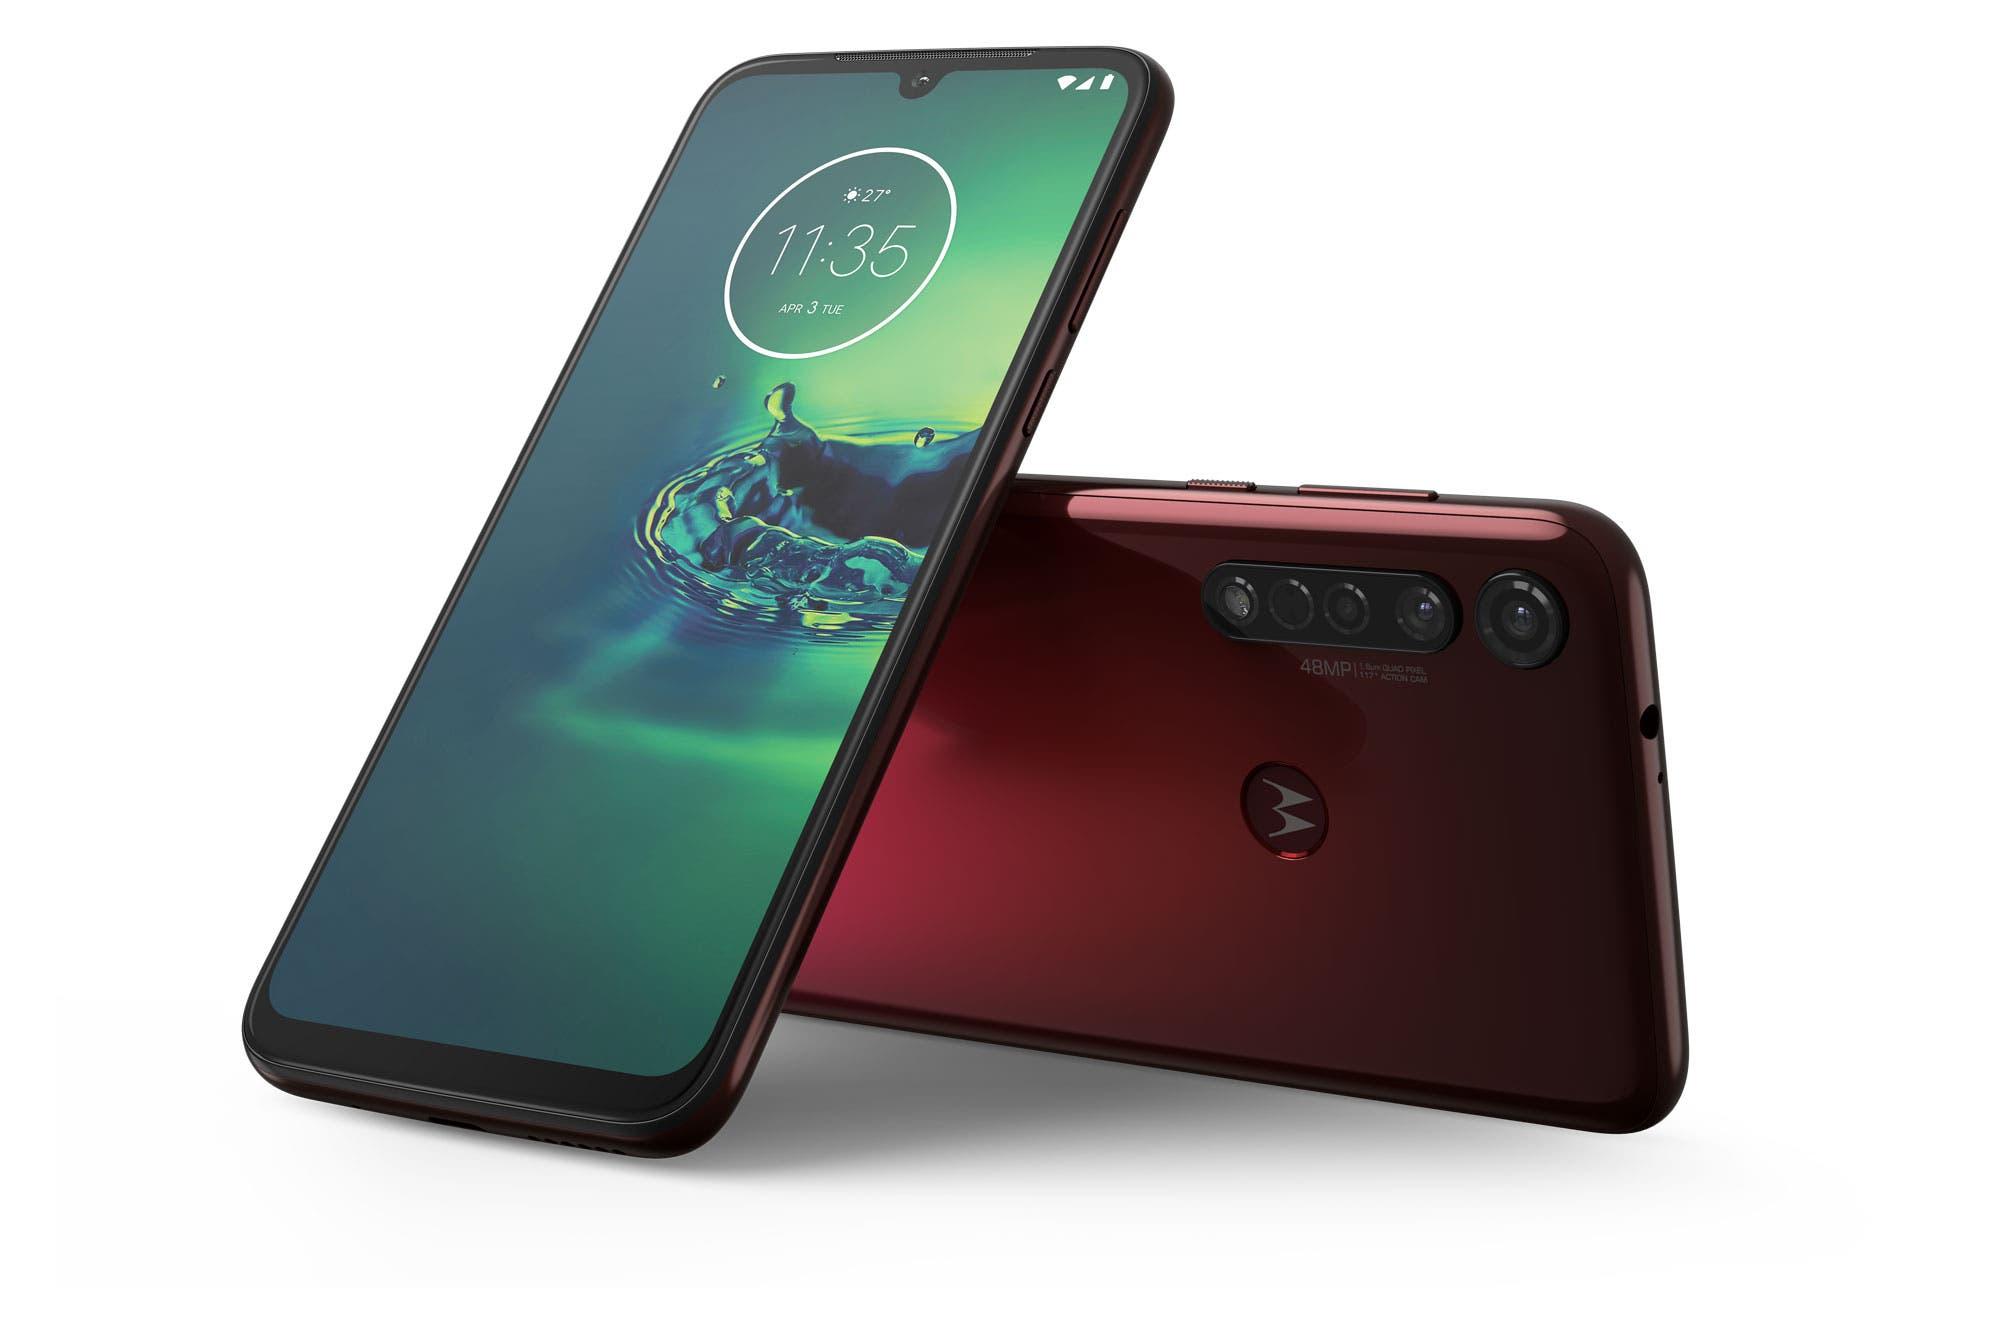 Motorola presentó los nuevos celulares Moto G8 Plus y Moto G8 Play